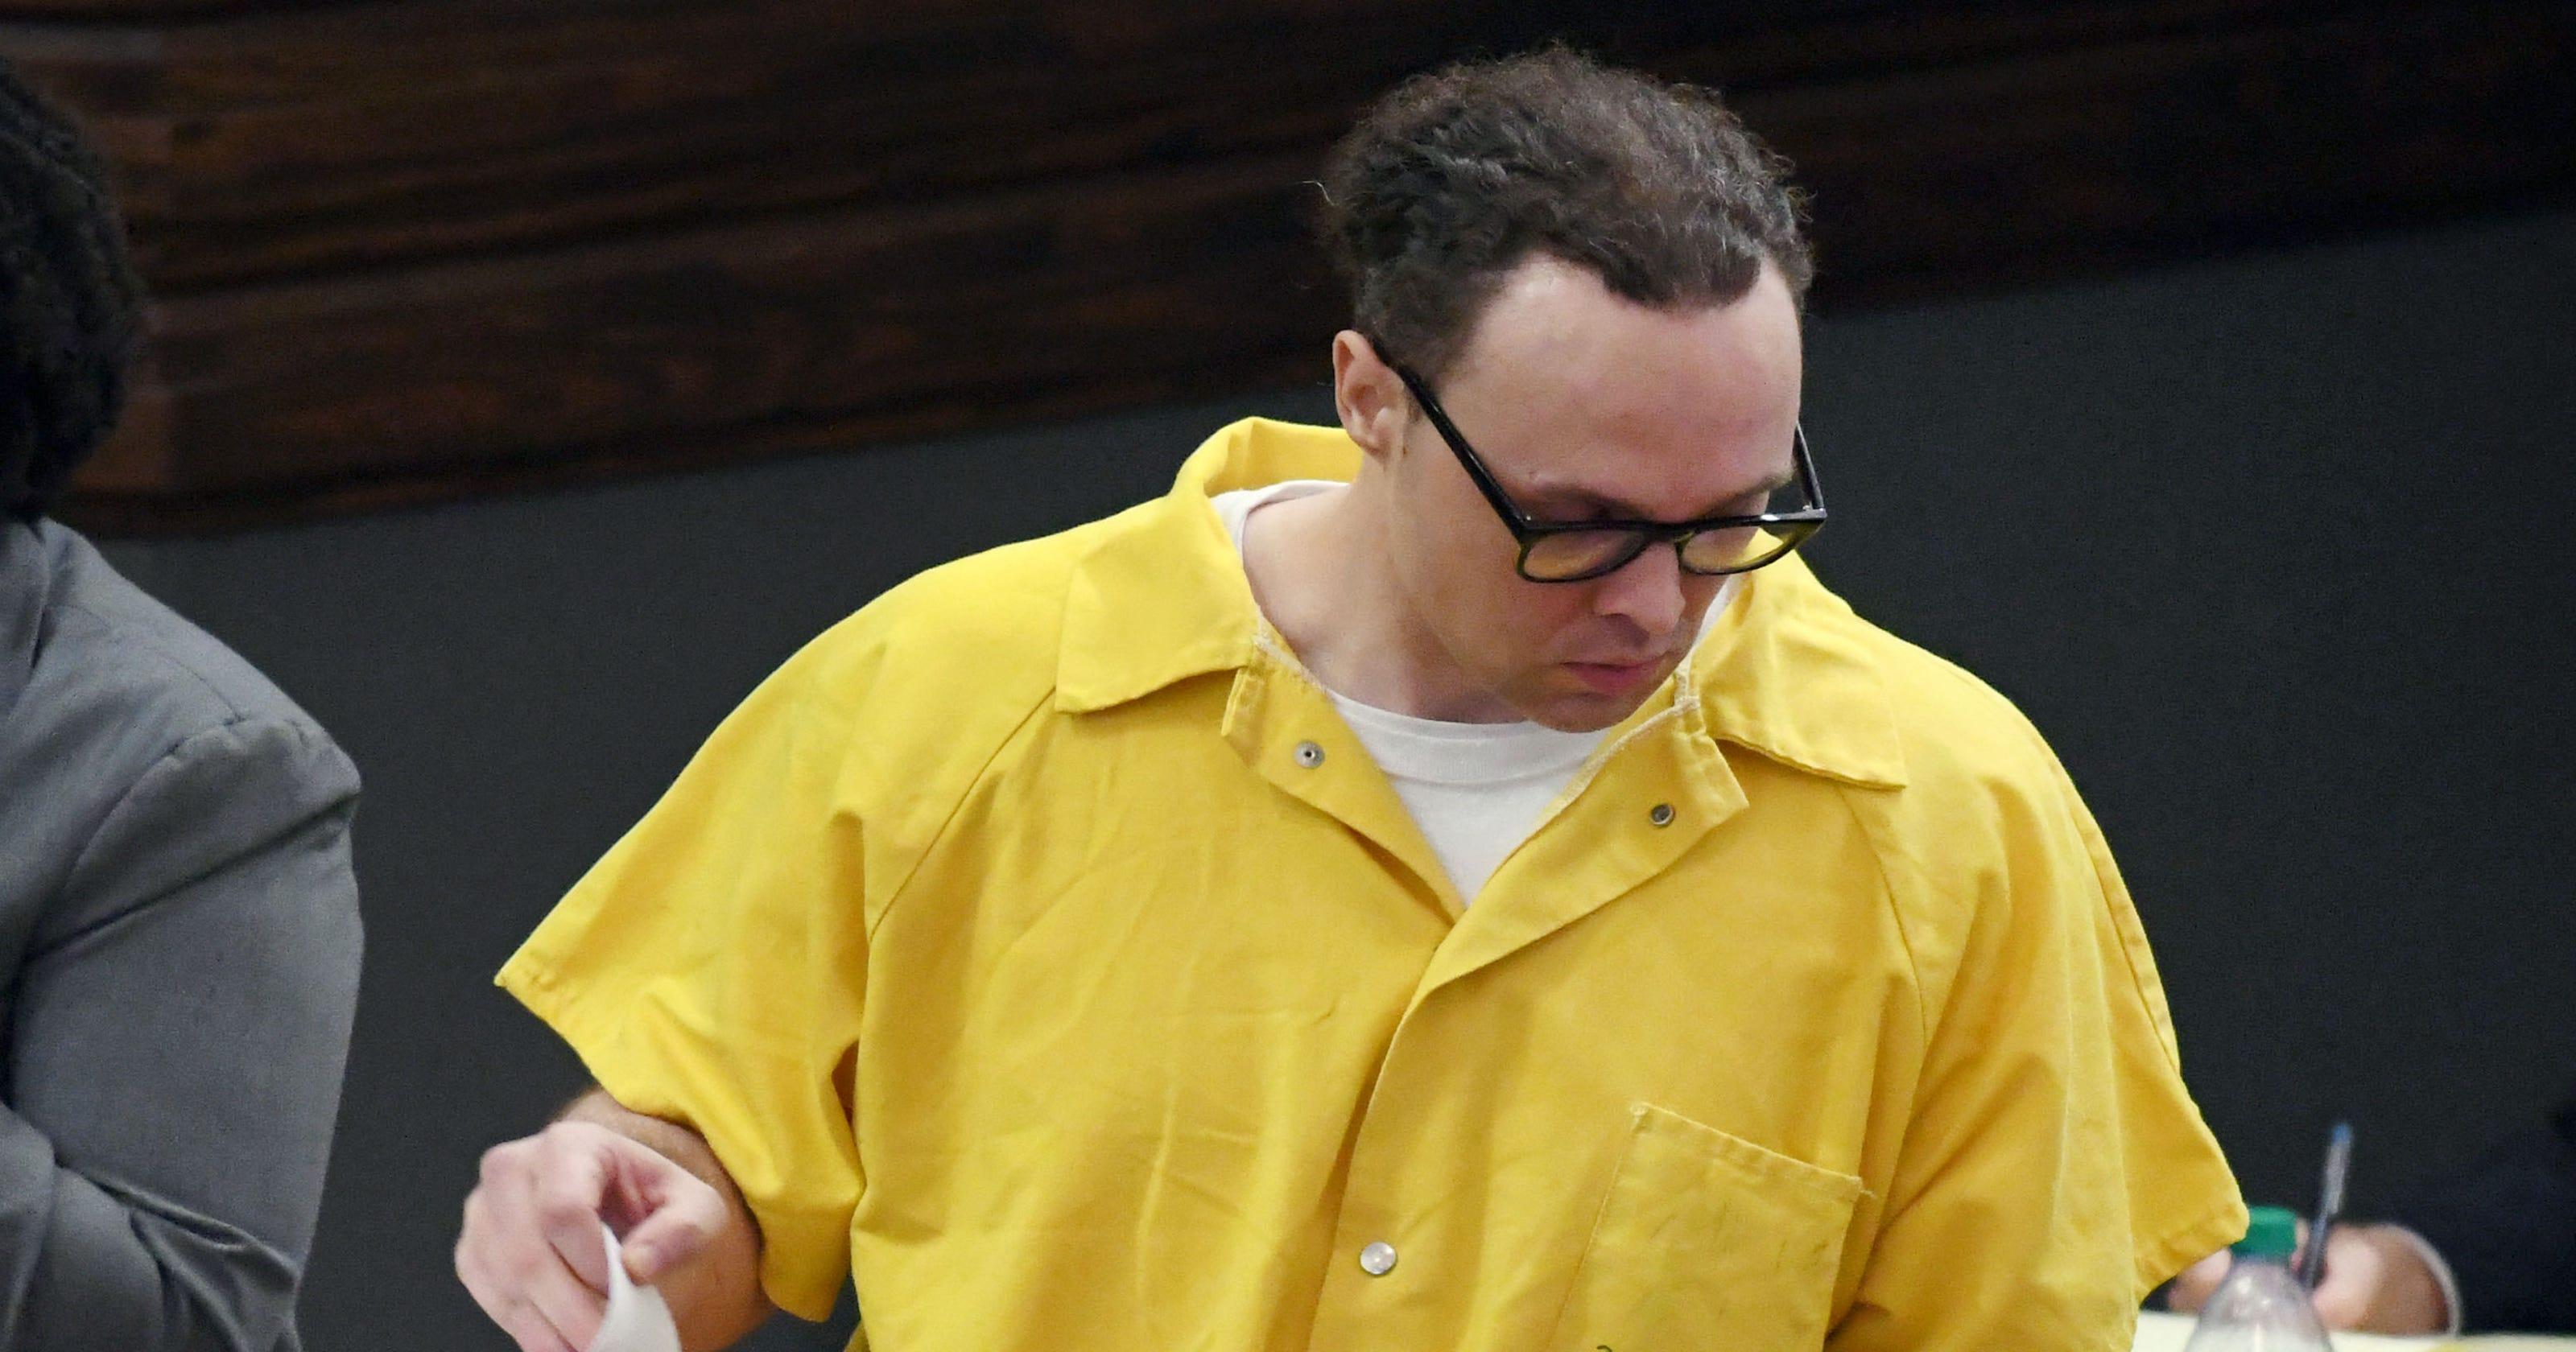 Joshua Miller guilty of murder as teen, may get parole